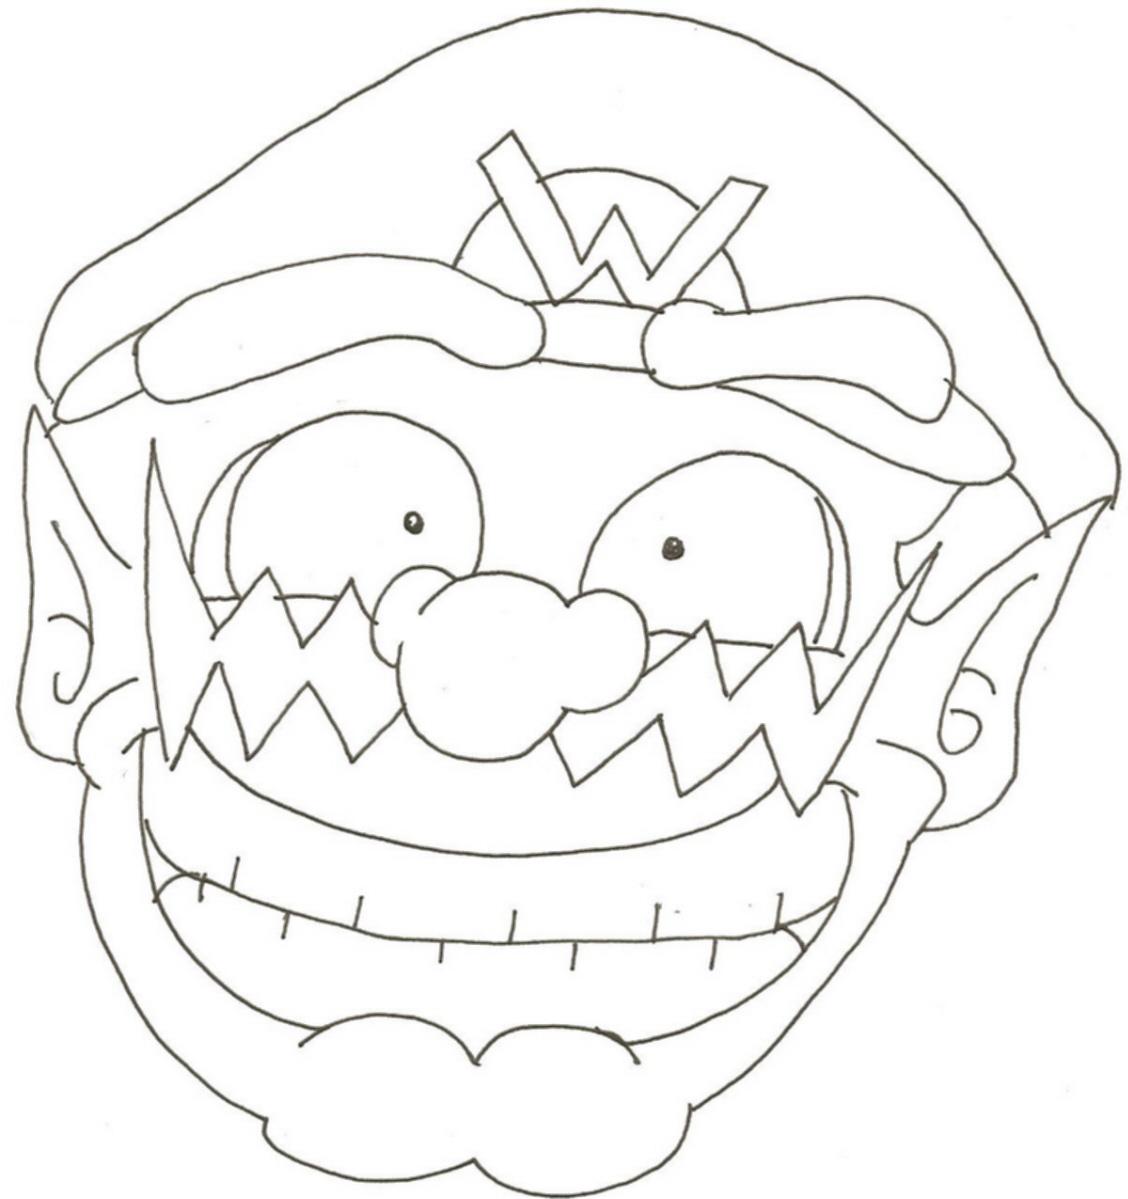 Big smile wario by jkgoomba89